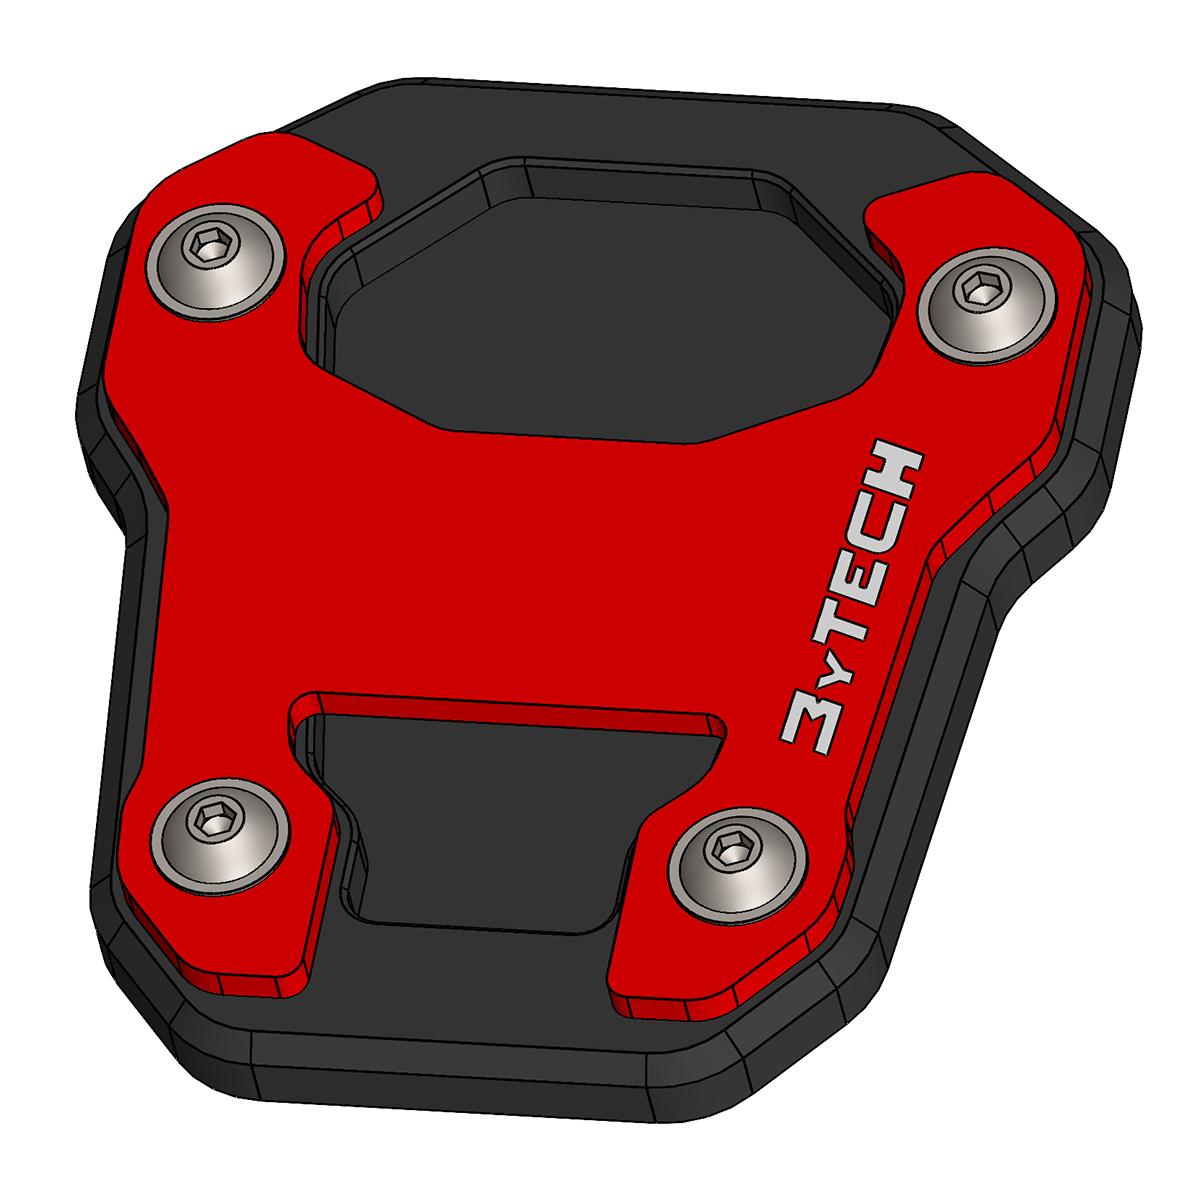 MyTech Seitenständerverbreiterung aus Alu für Honda Africa Twin CRF 1000L Adventure Sports ab 2020 rot HND423R